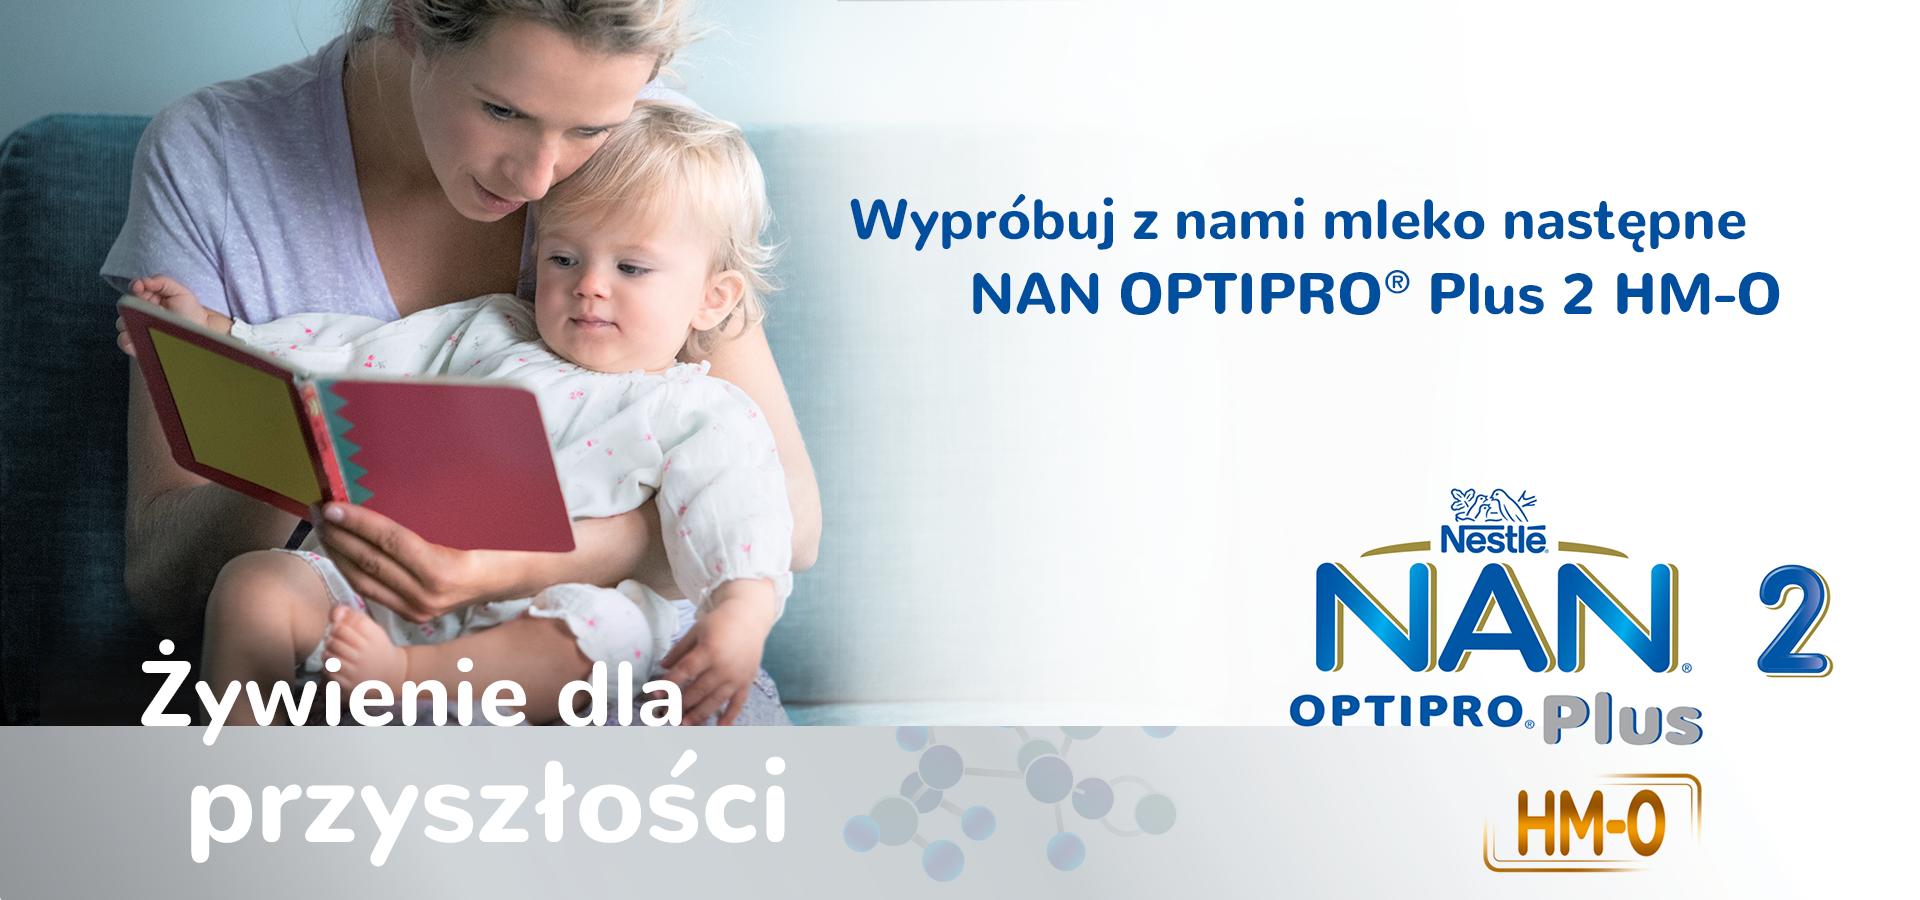 Nestle nan open